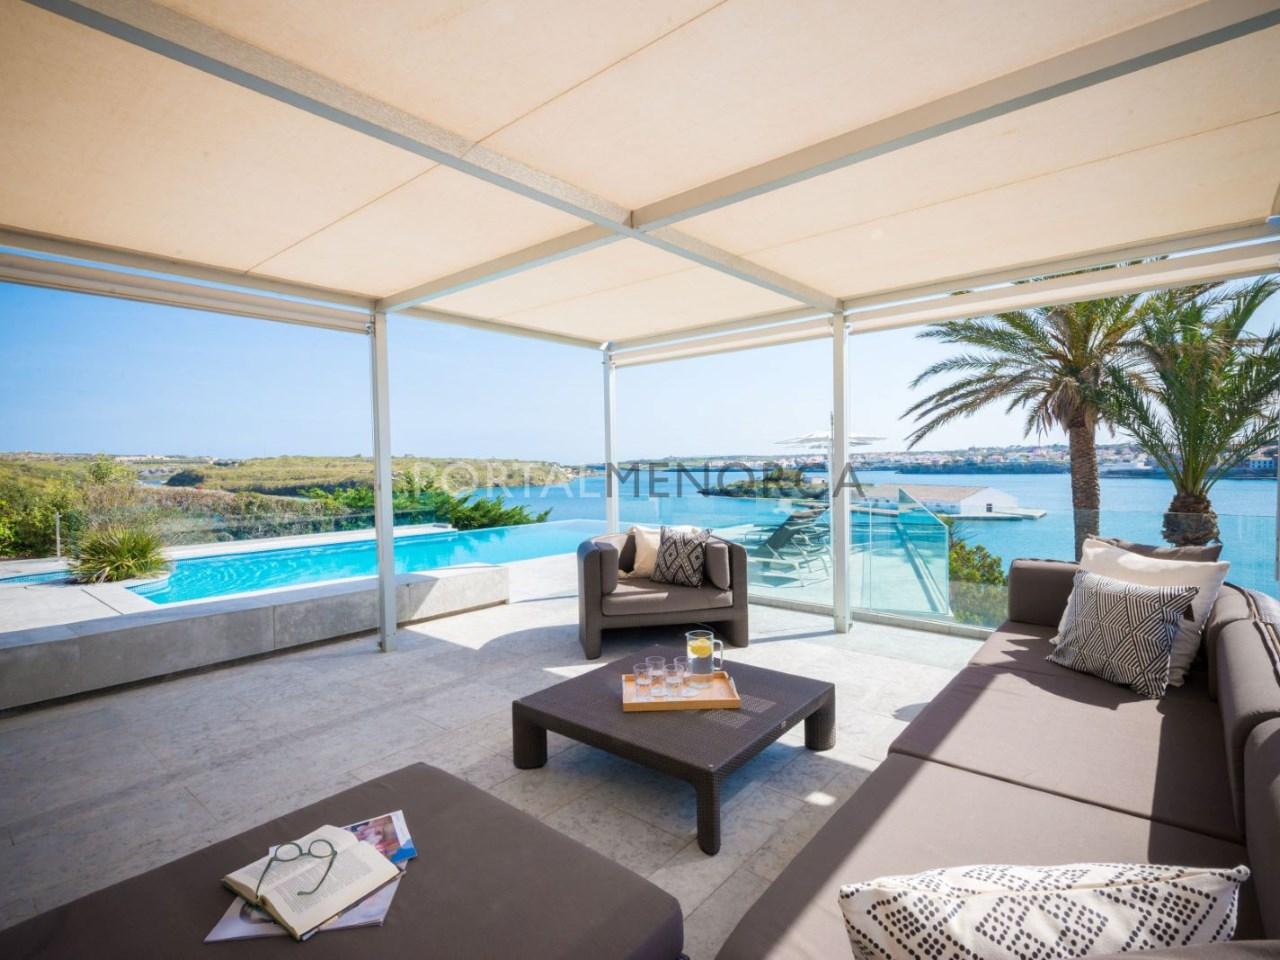 acheter-maison-luxe-menorca (4)